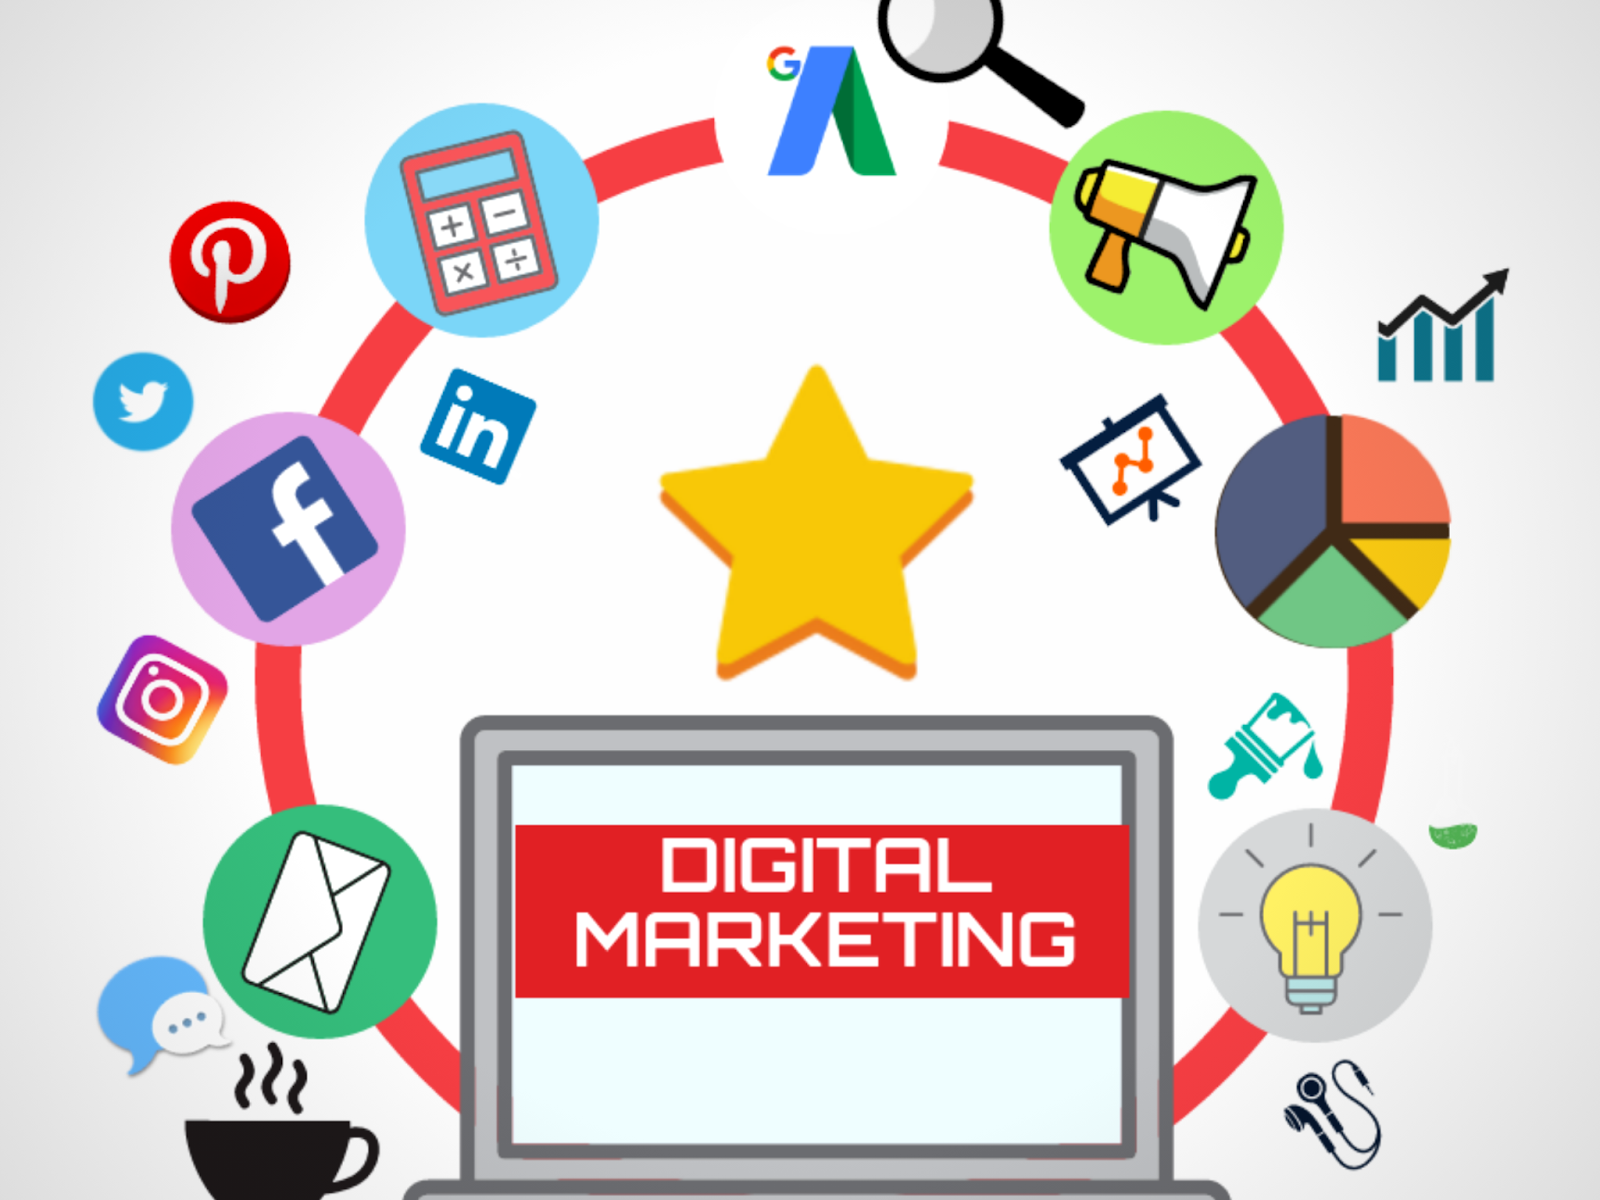 Công việc Digital marketing rất phong phú, chính vì thế gói dịch vụ do các agency cung cấp cũng rất đa dạng